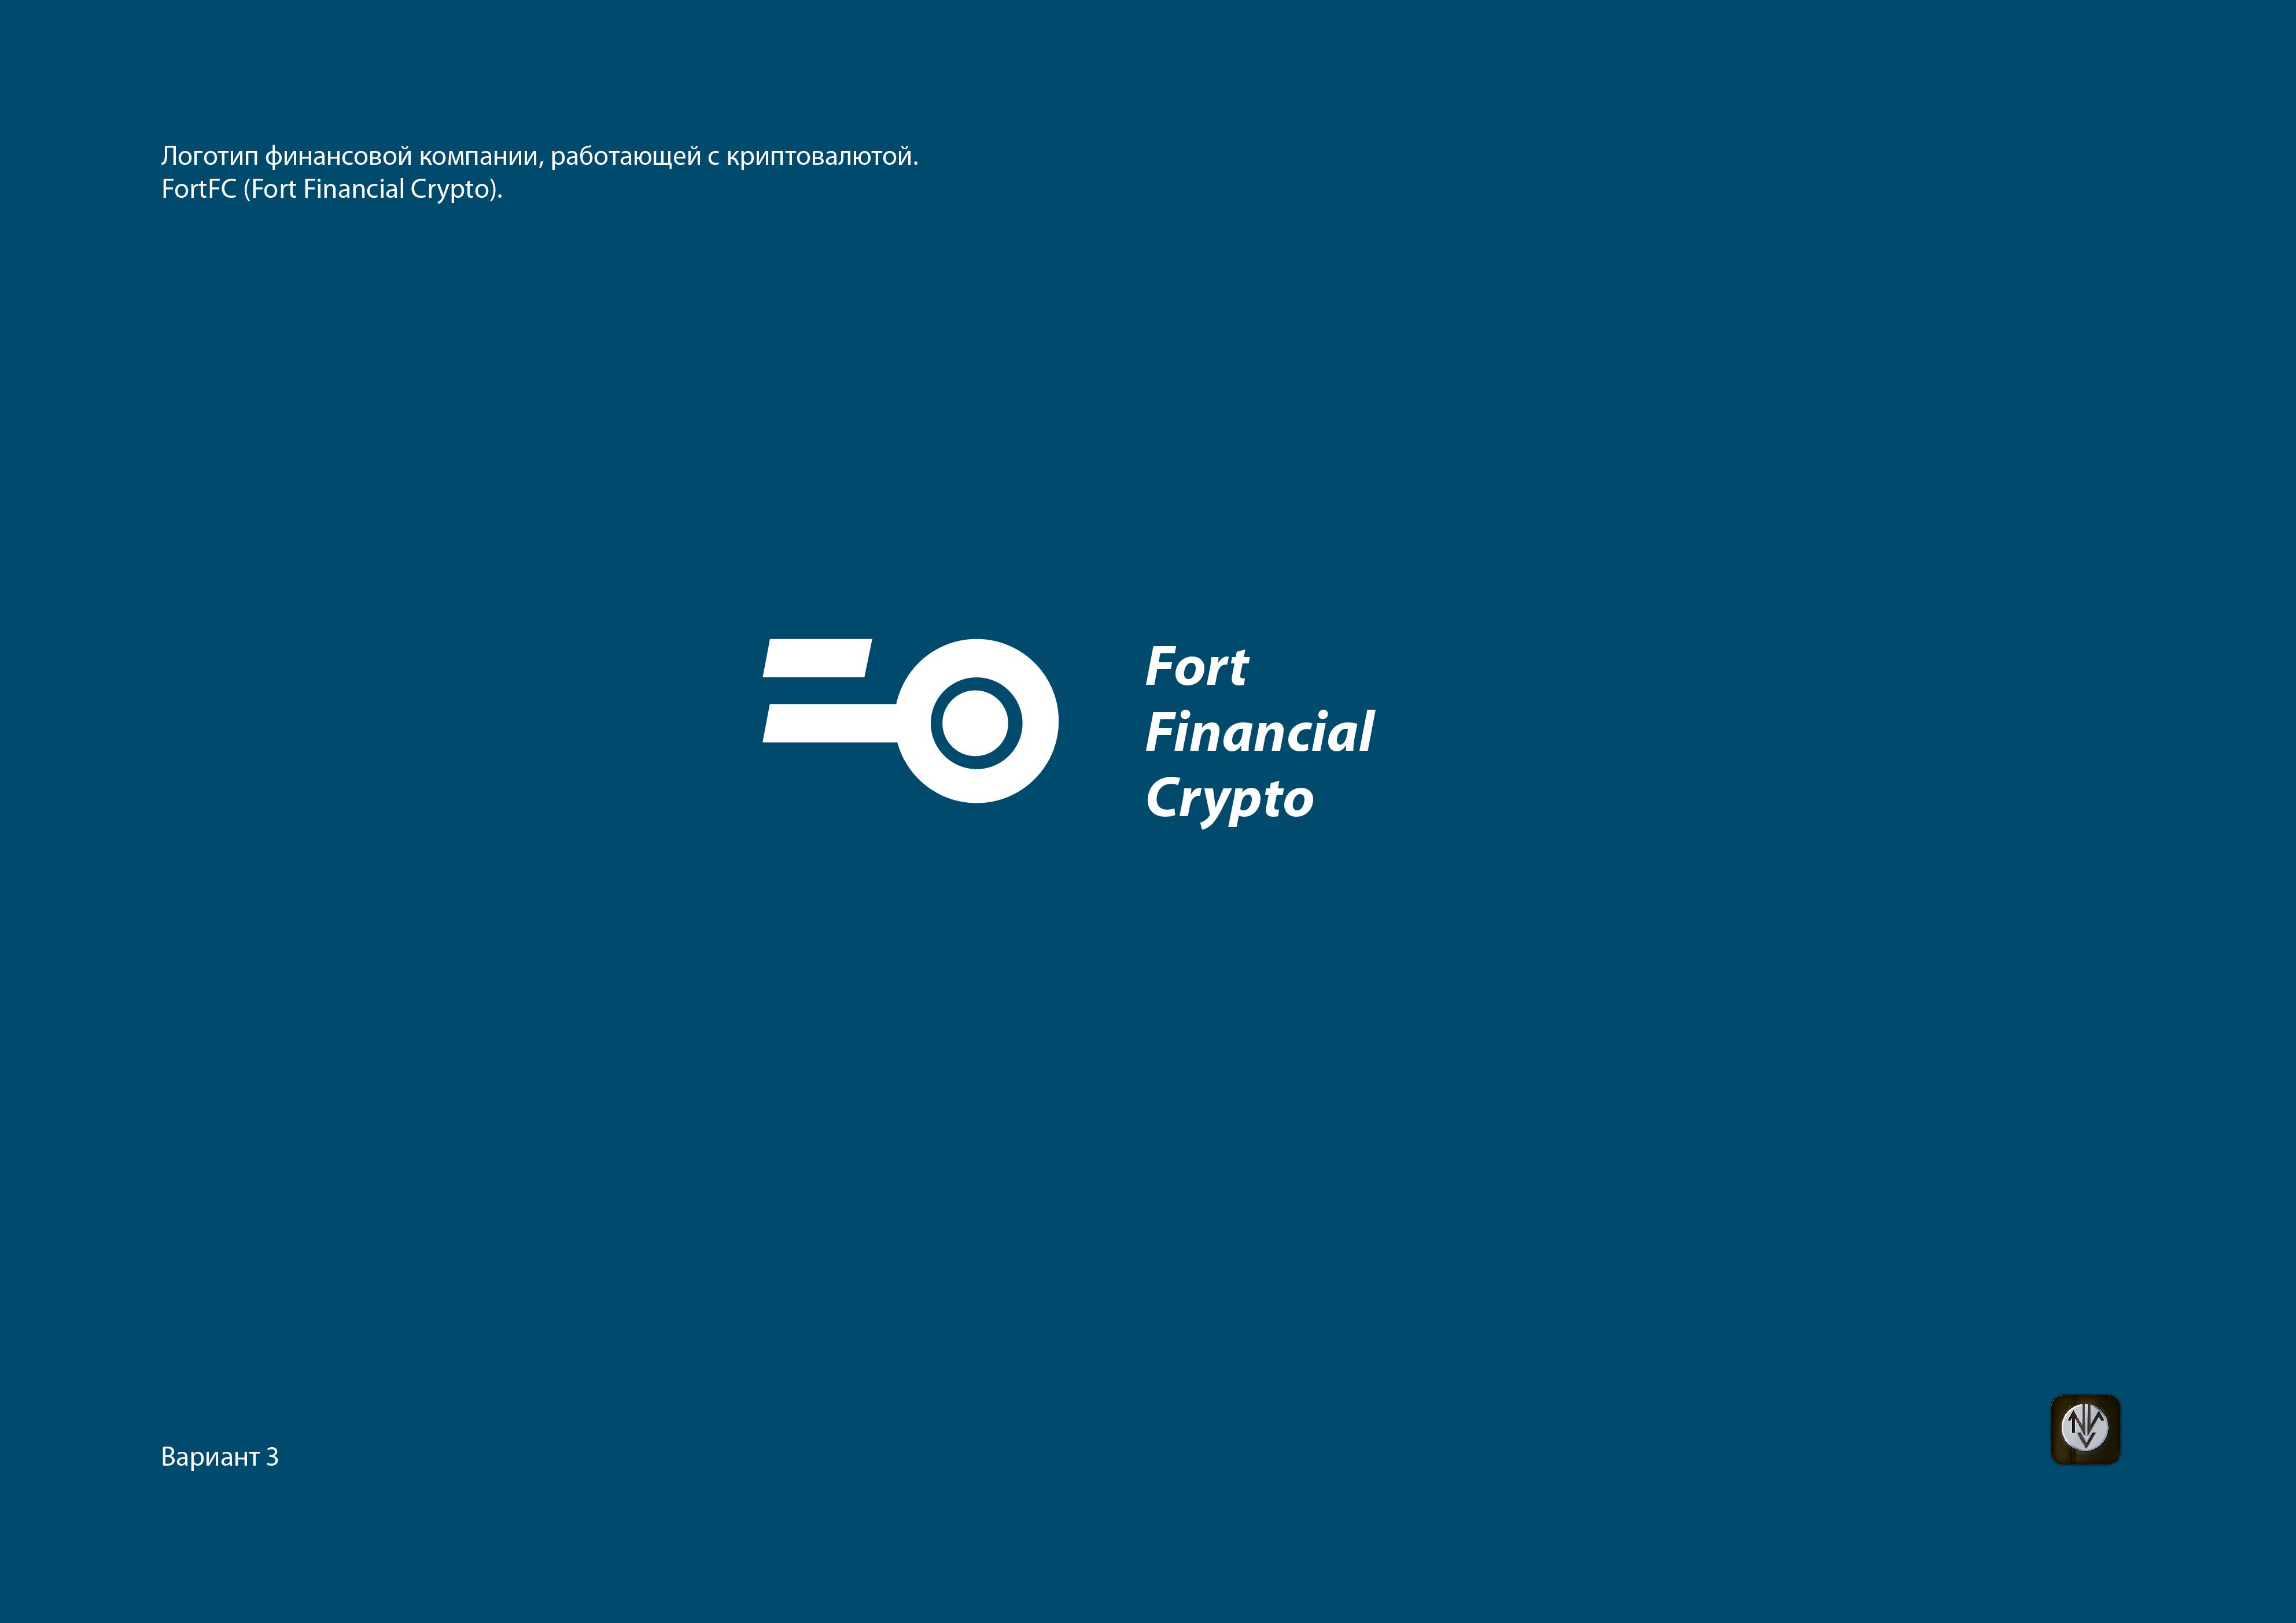 Разработка логотипа финансовой компании фото f_0245a888cff0c242.png